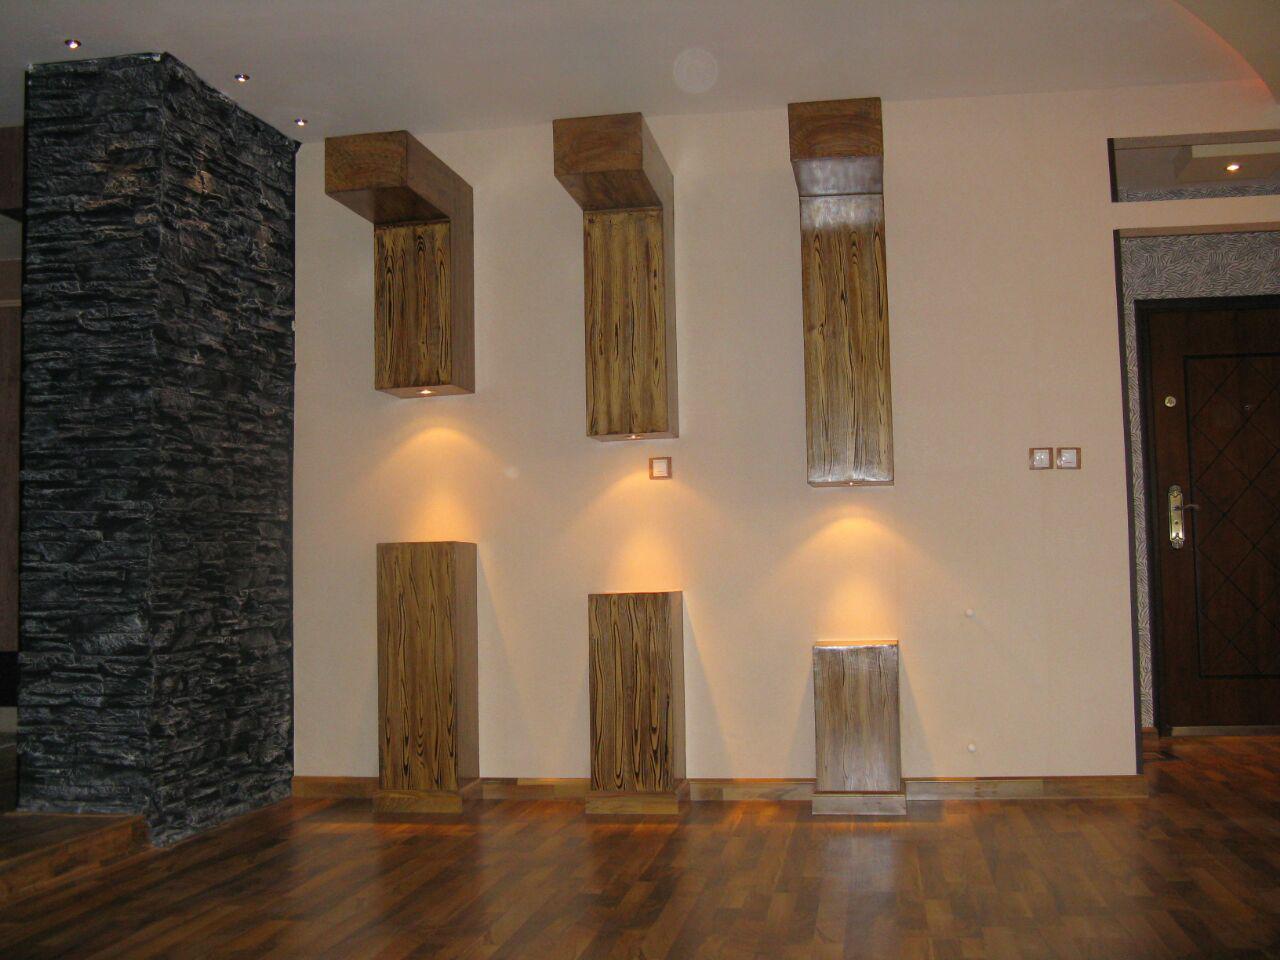 طراحی و اجرای دکوراسیون طرح چوب روی دیوار با هالوژن